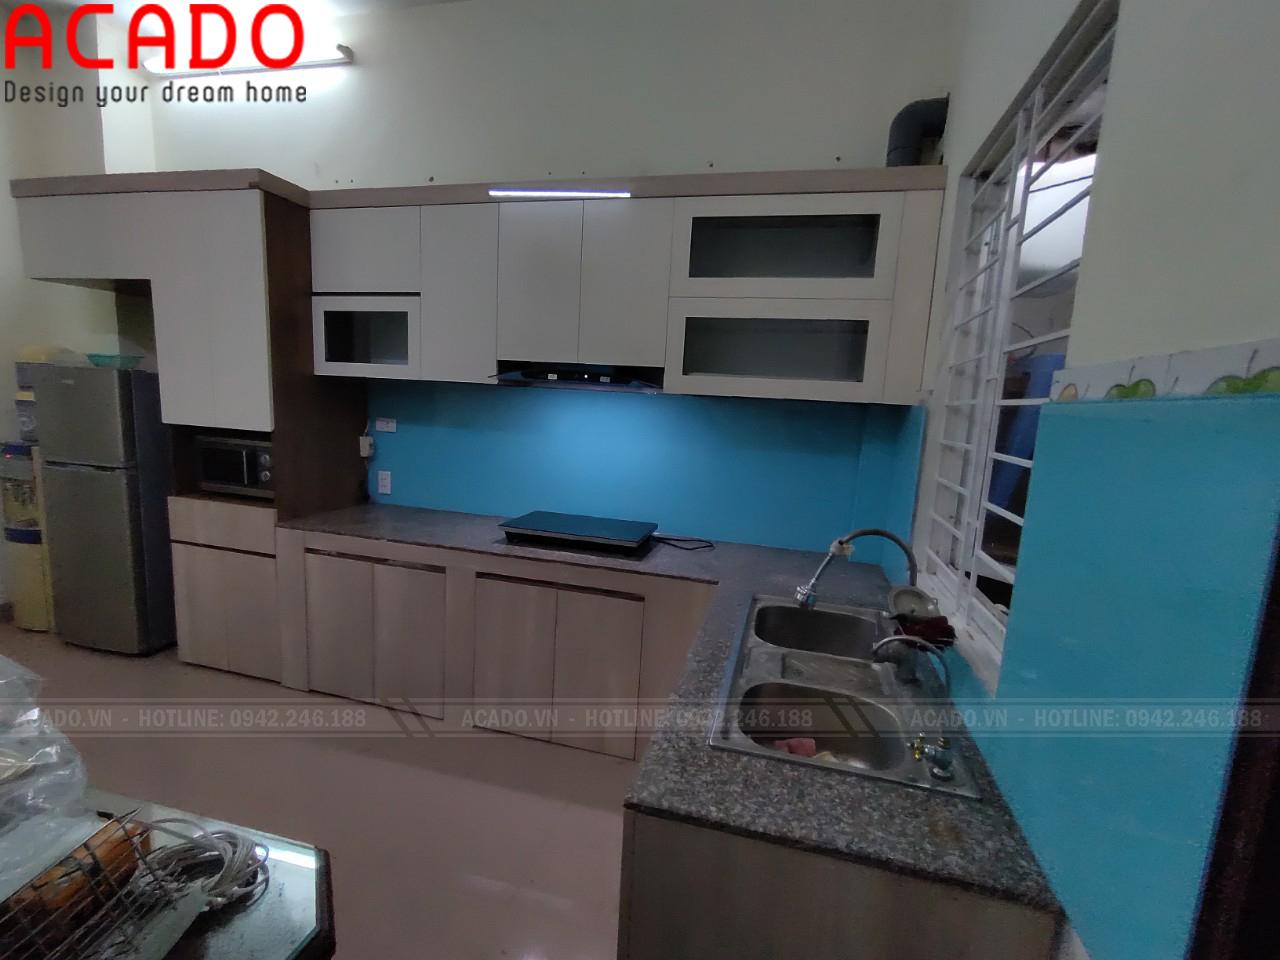 Cánh Acrylic bóng gương đẹp thu hút mọi ánh nhìn - Lắp đặt tủ bếp tại Long Biên